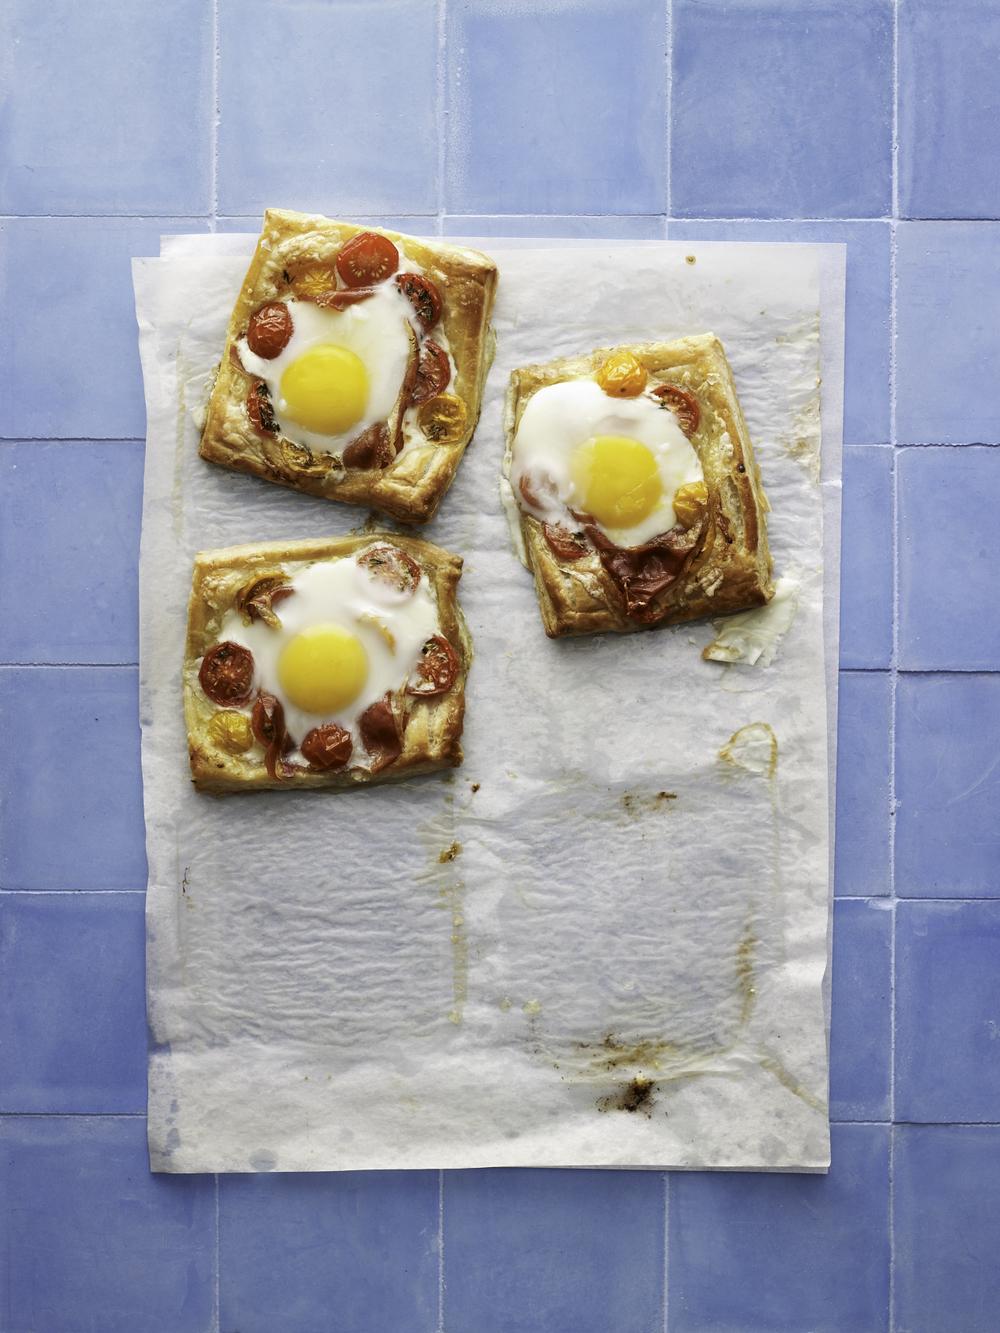 ED110298-egg-prosciutto-tart-460.jpg